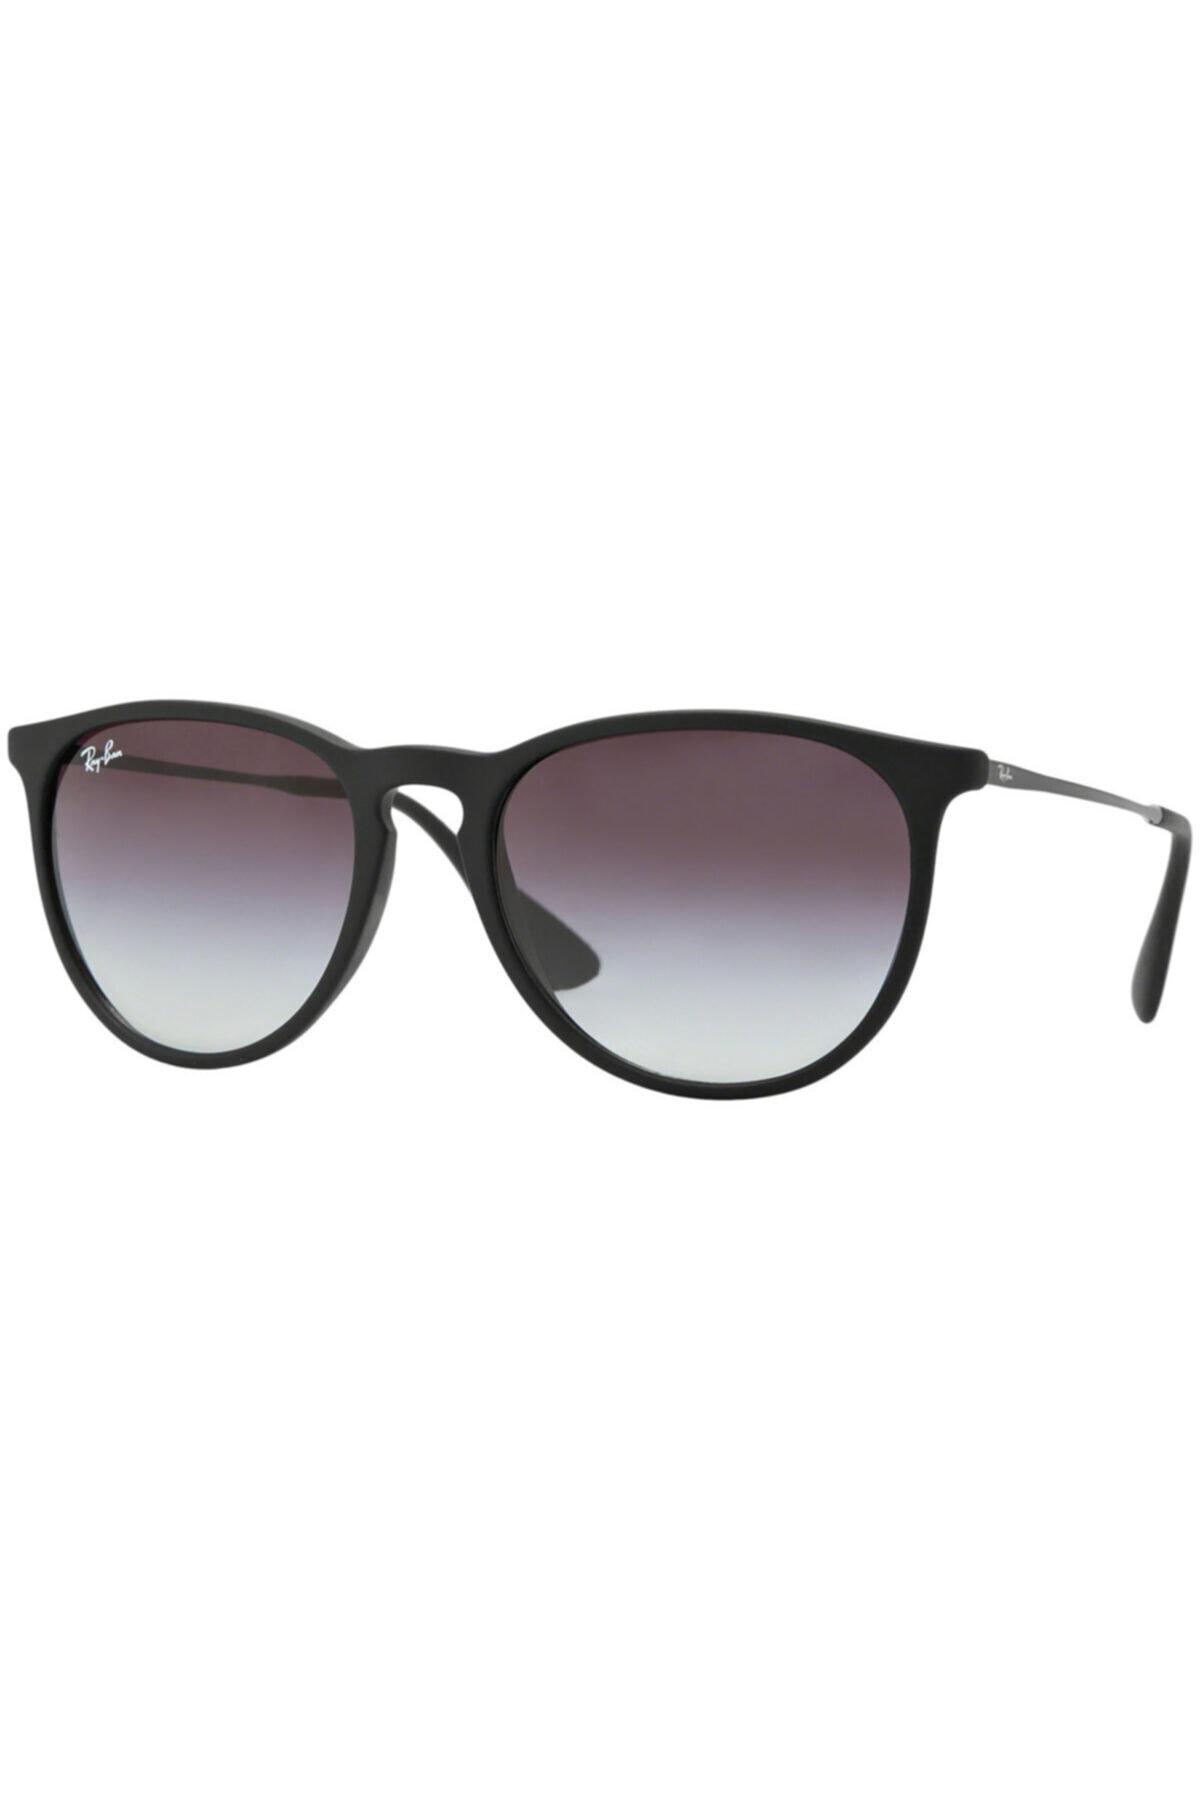 خرید عینک آفتابی غیرحضوری برند ری بن رنگ مشکی کد ty57680184